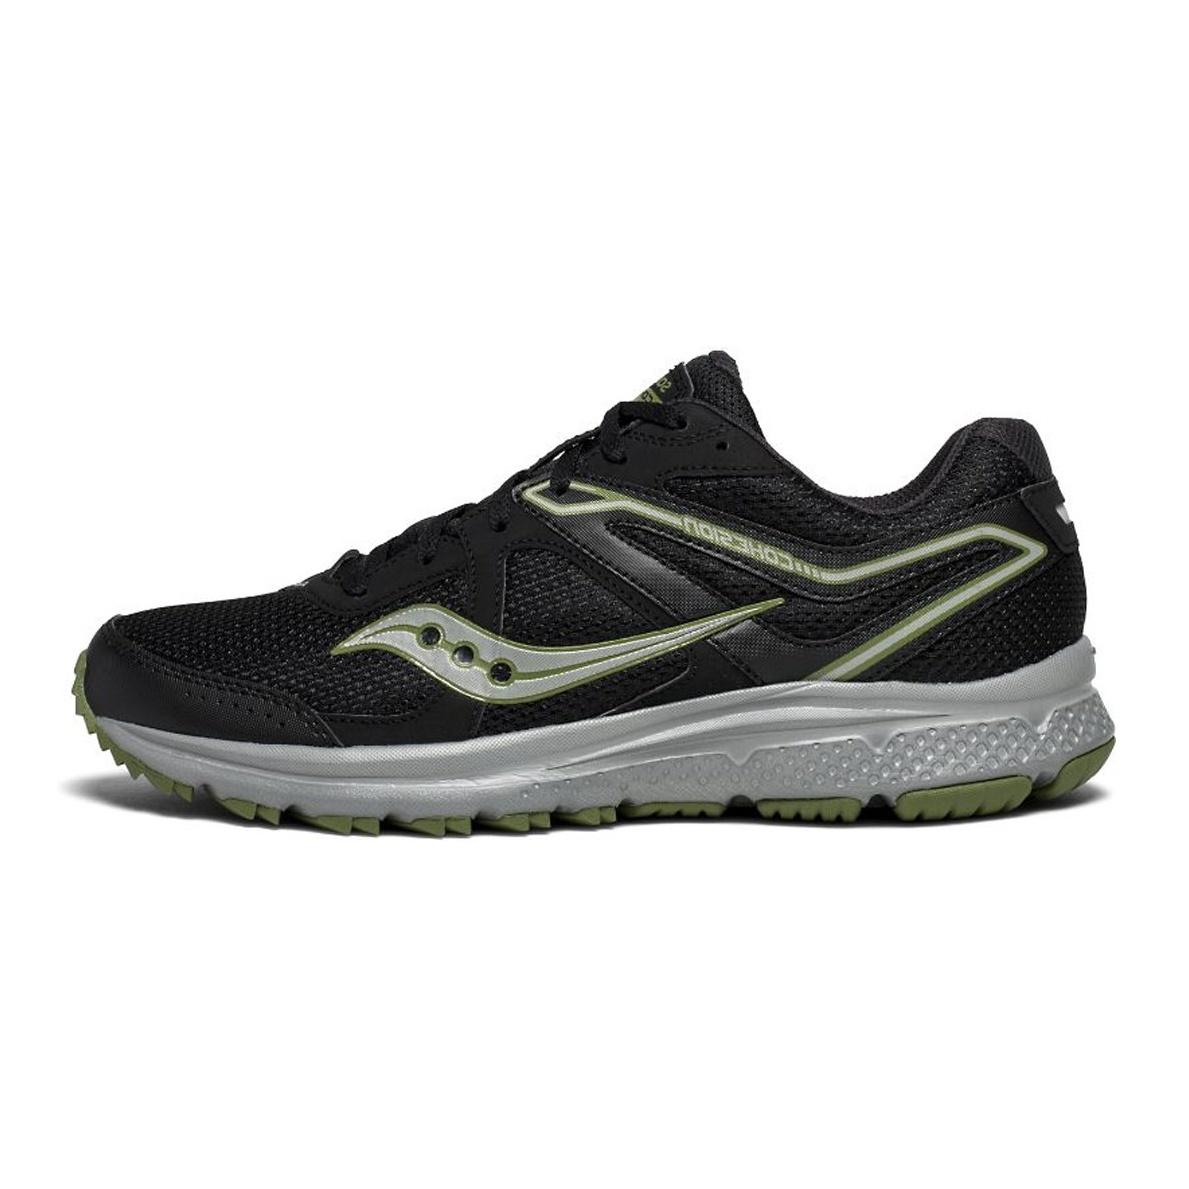 کفش مخصوص دویدن مردانه ساکنی مدل GRID COHESION TR 11 کد ۲-S20427